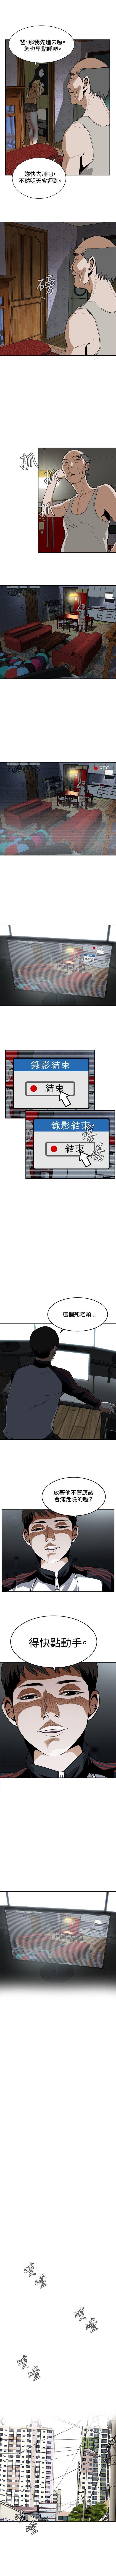 偷窥  0-10 中文翻译 (更新中) 24